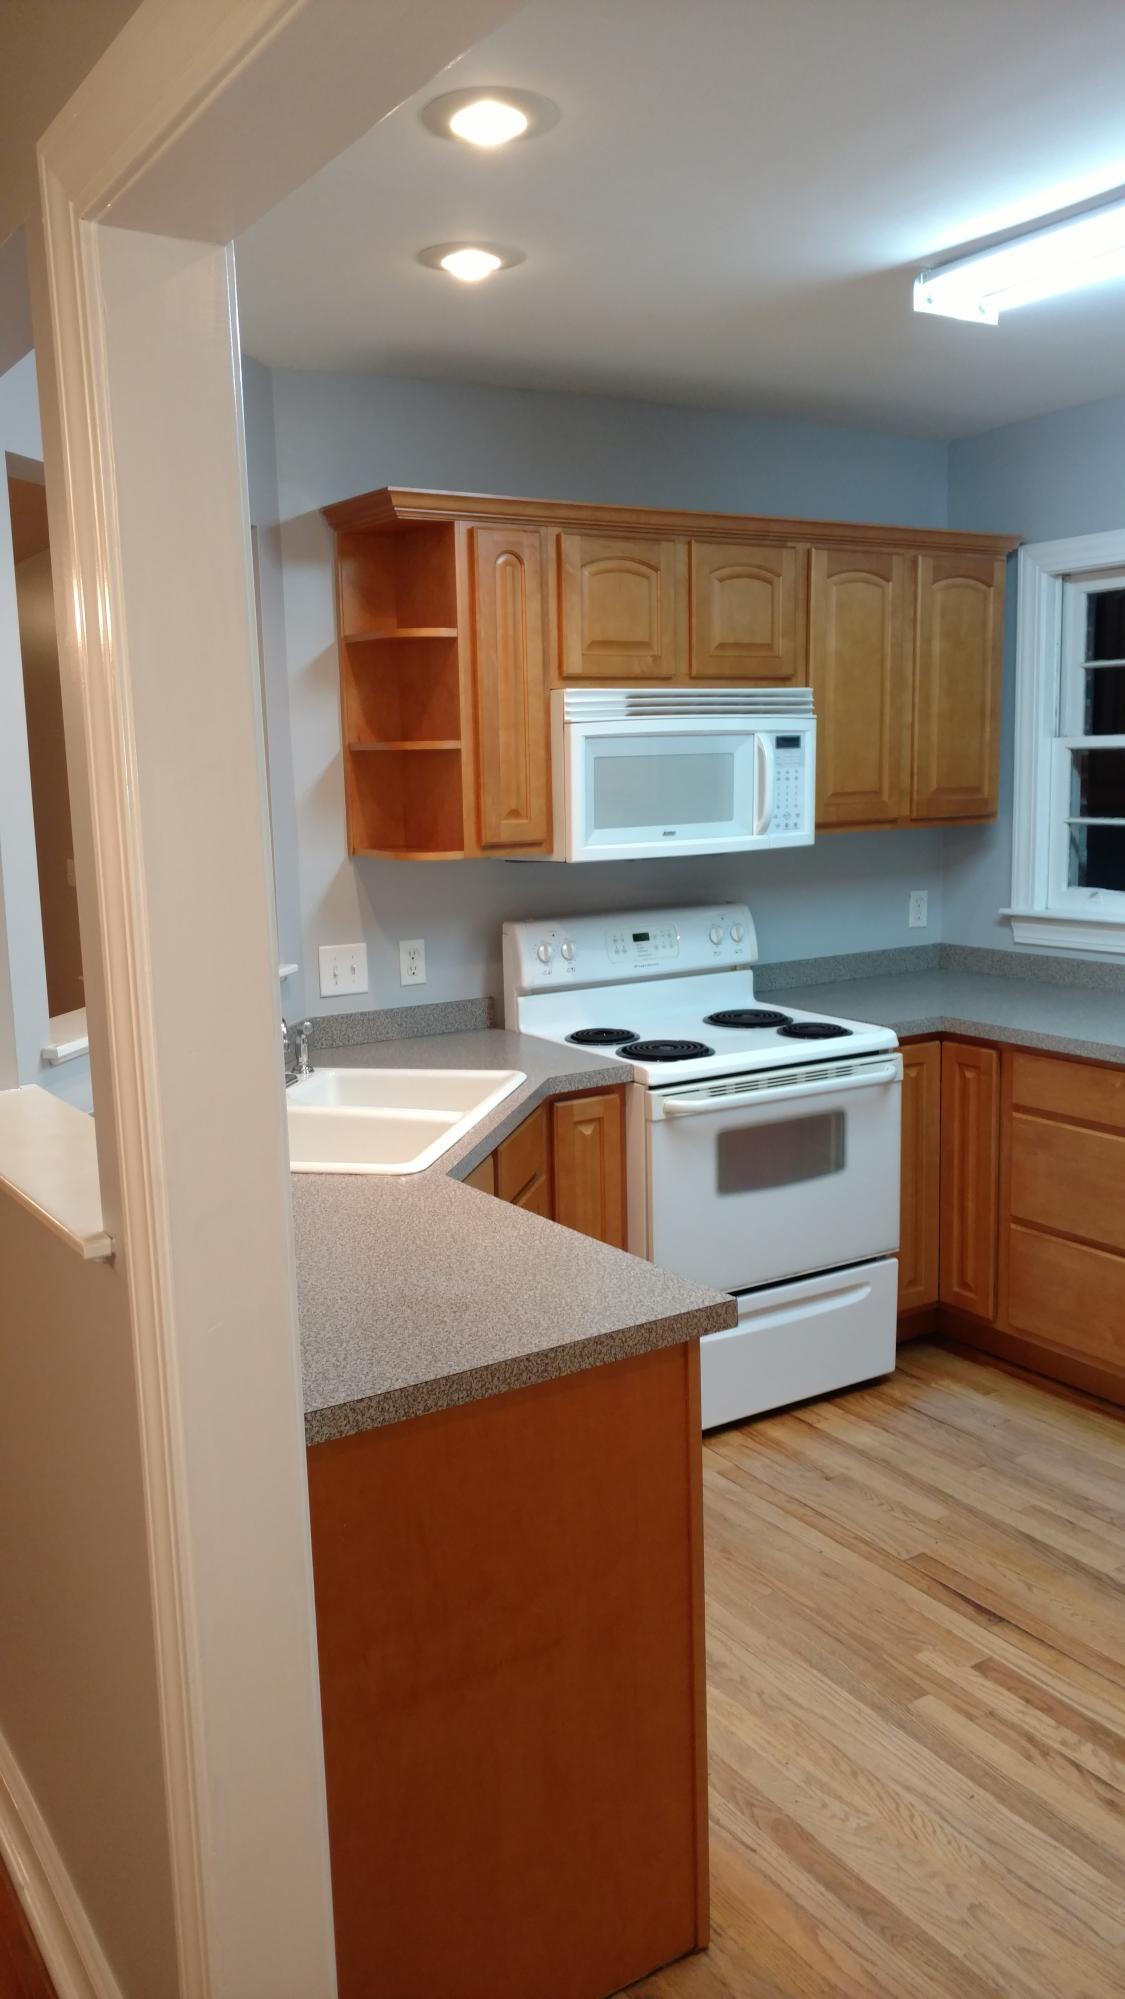 Moreland Homes For Sale - 530 St Andrews, Charleston, SC - 1